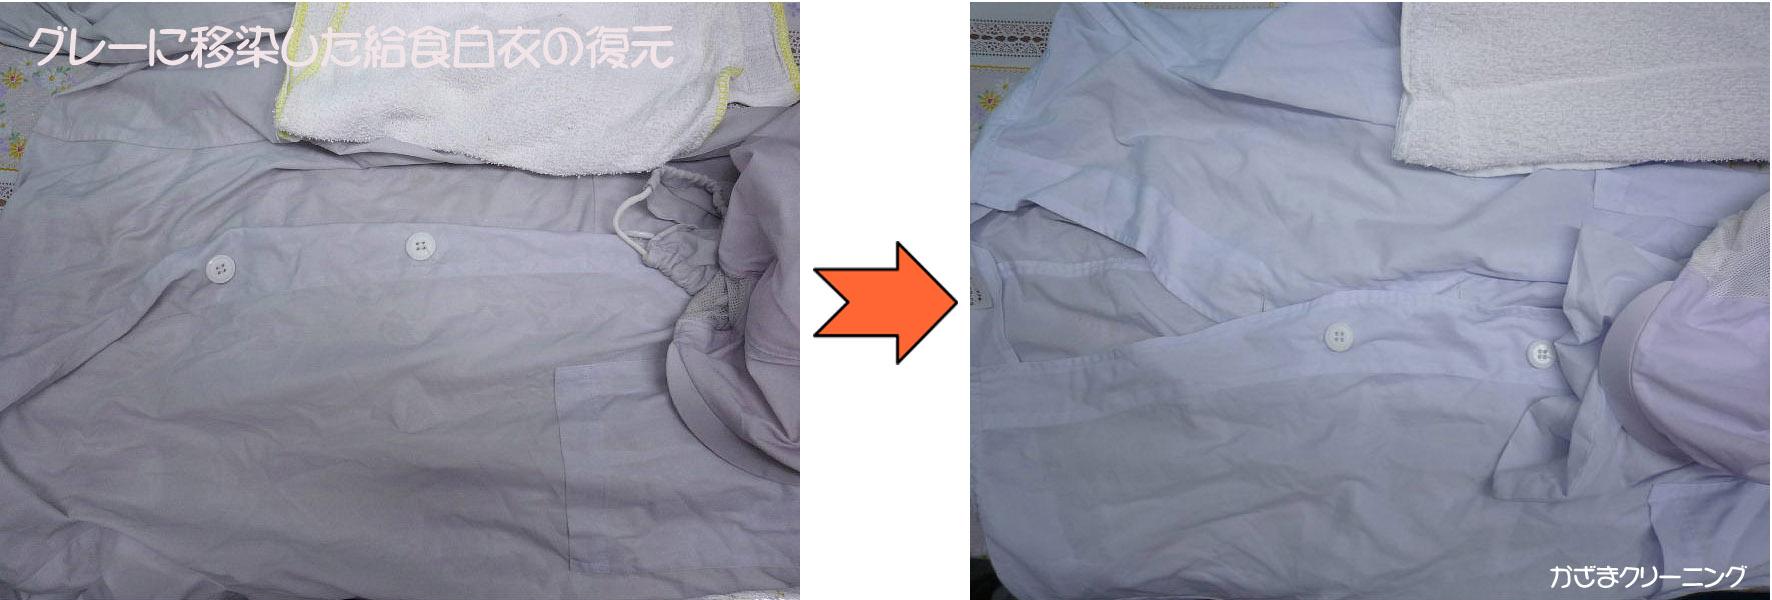 グレーに移染した給食白衣の復元